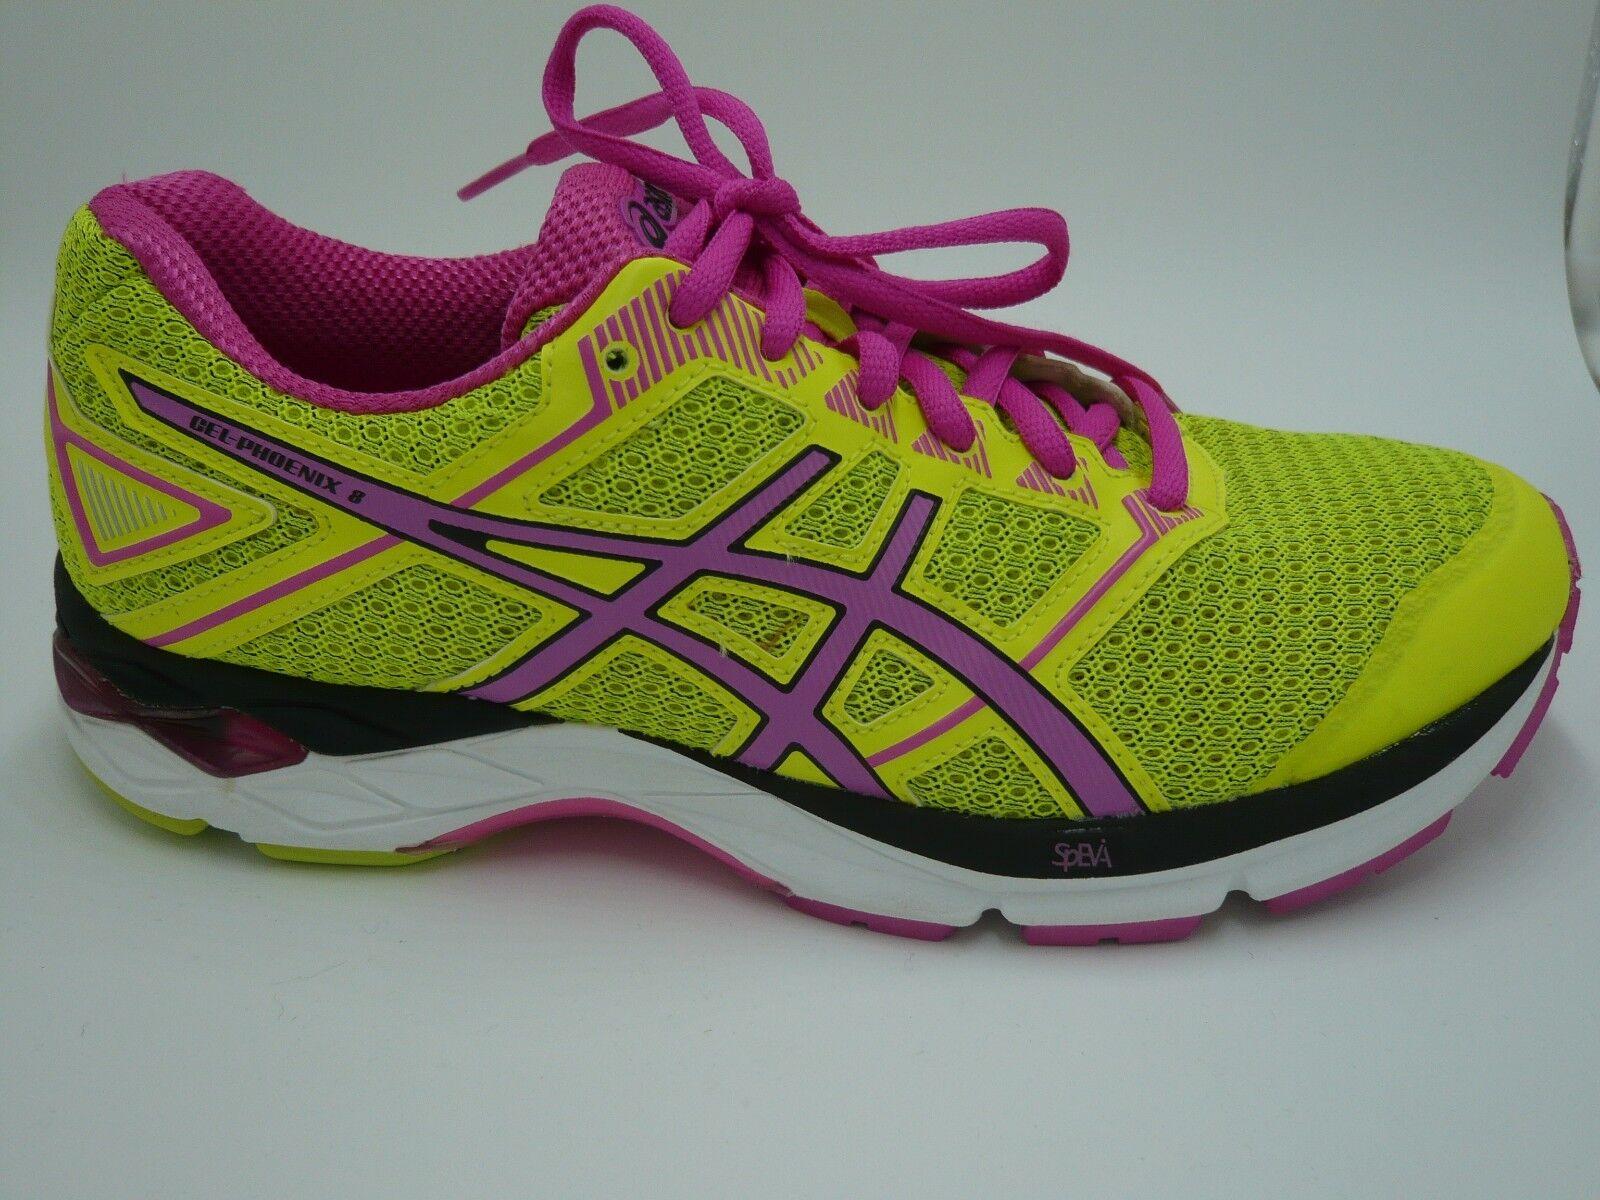 ASICSGEL-PHOENIX 8 Damen RUNNING Schuhe, Schuhe, Schuhe, Damenlaufschuh, Größe 39, neongelb 093b92